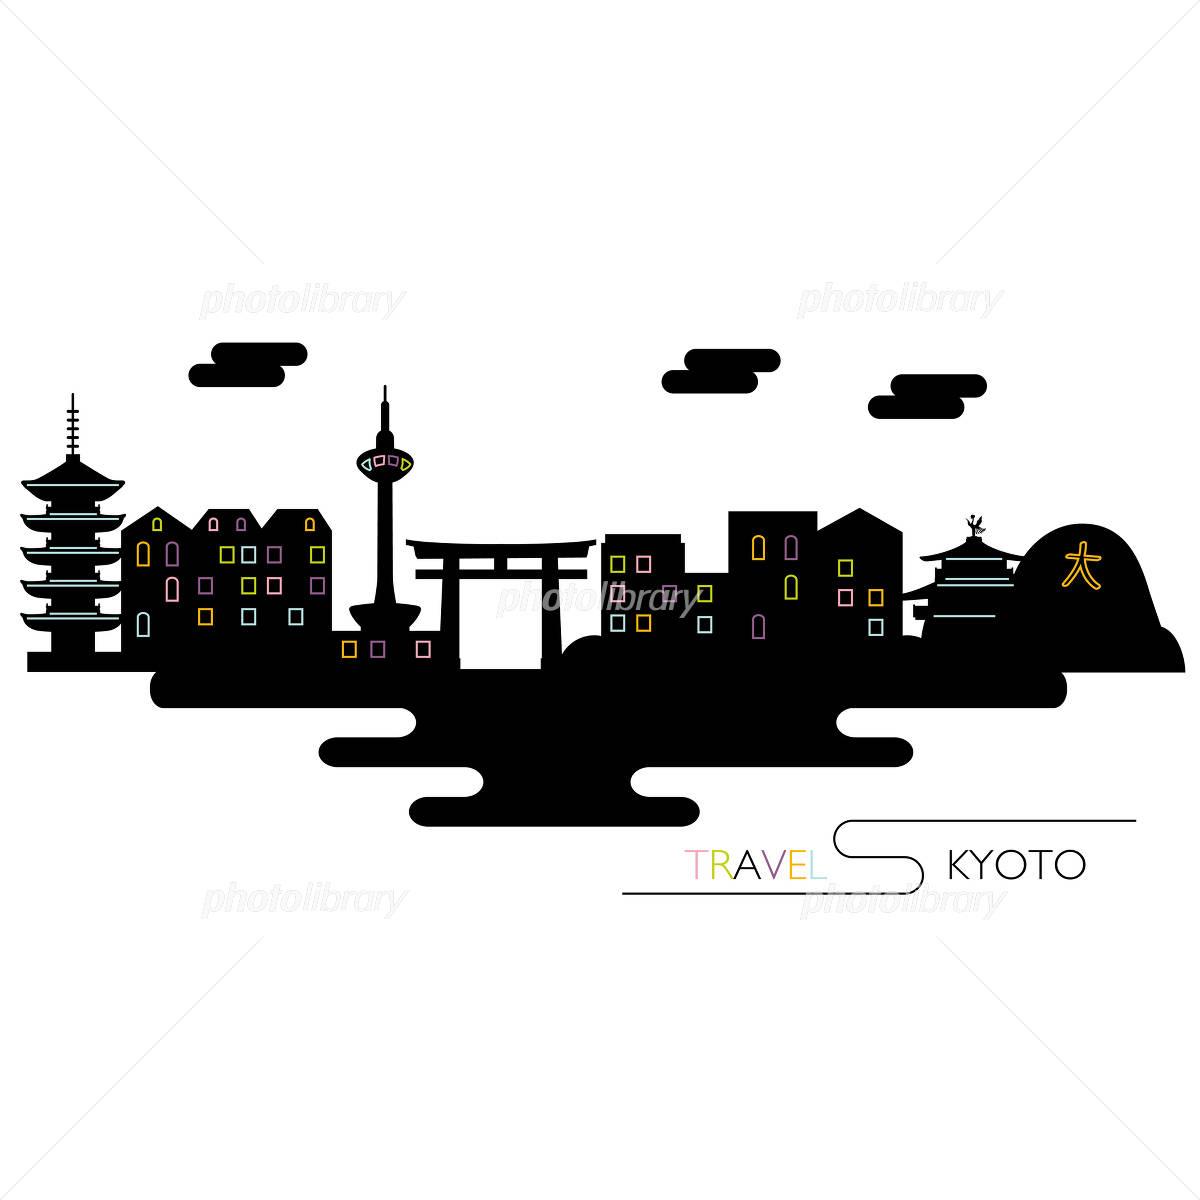 京都の町並みのイラスト イラスト素材 4825804 フォトライブラリー